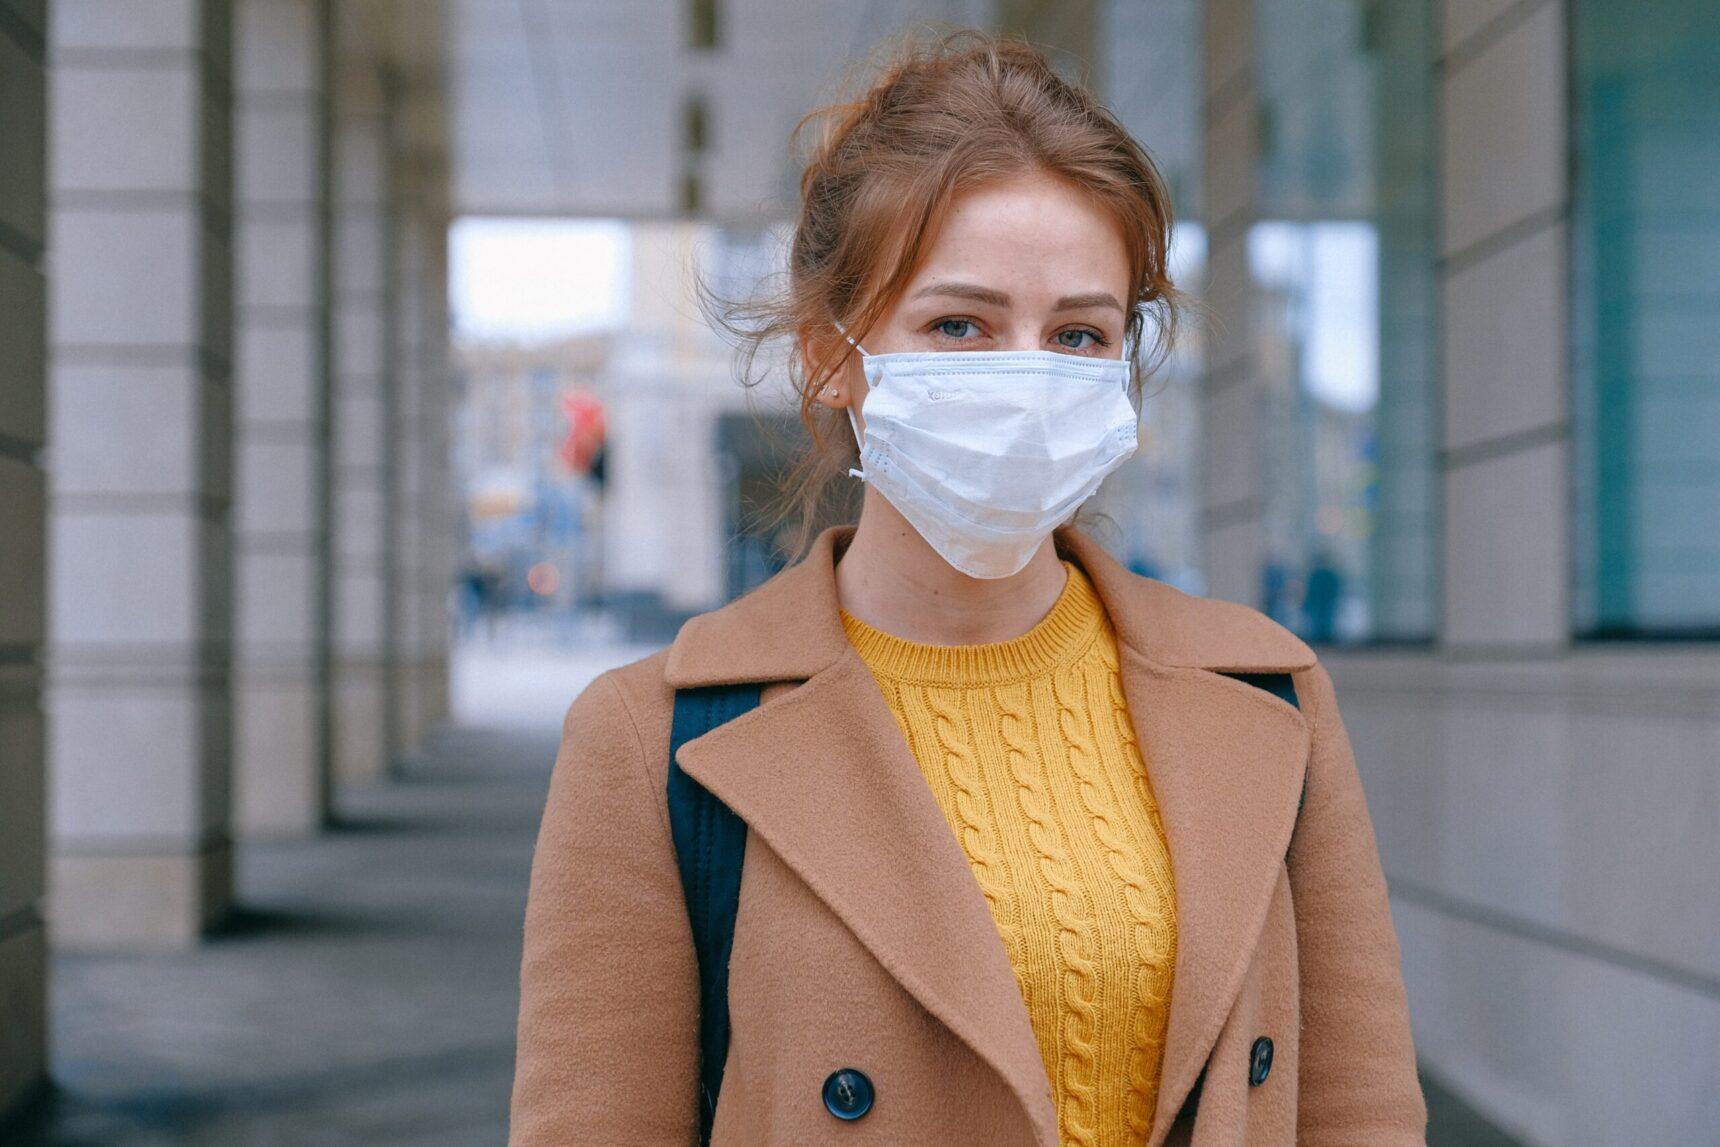 Maseczki ochronne – niezbędny dodatek podczas pandemii koronawirusa